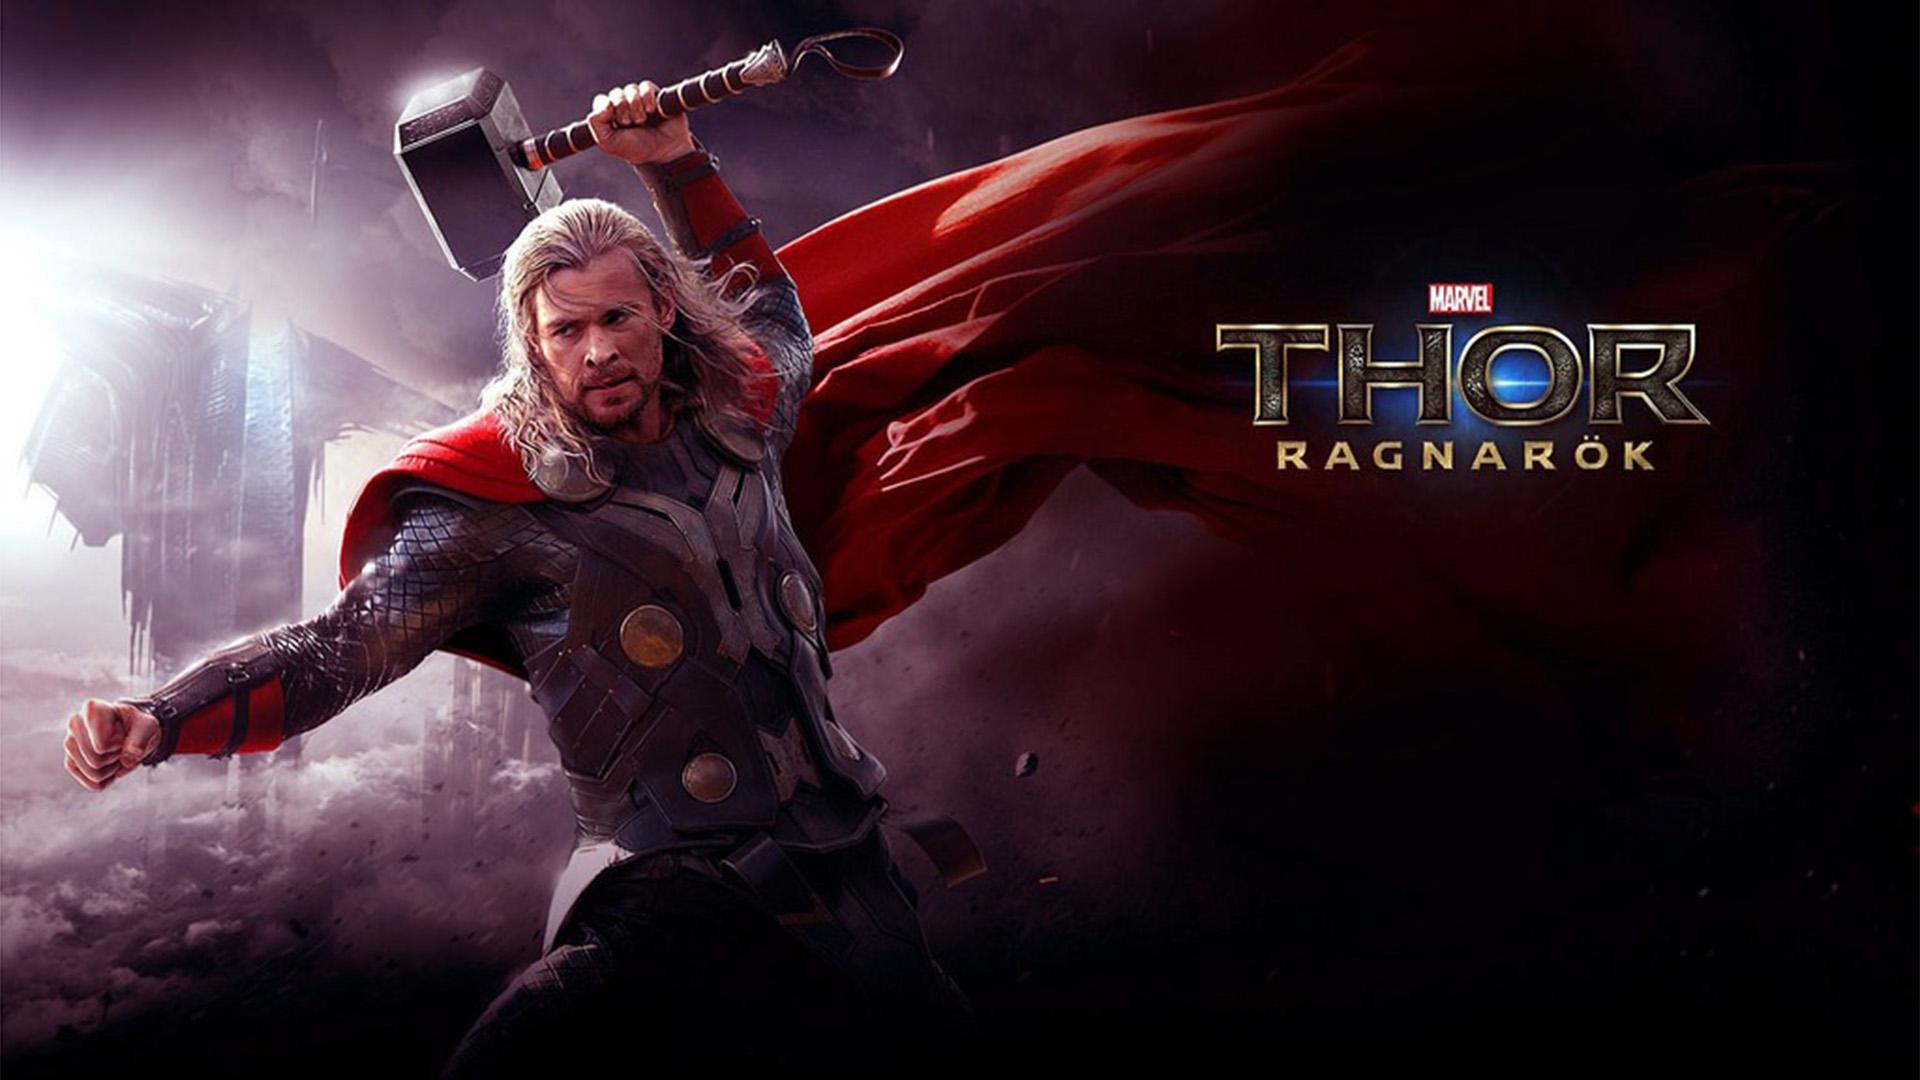 Se desata el Ragnarok, Thor llega a cines de México